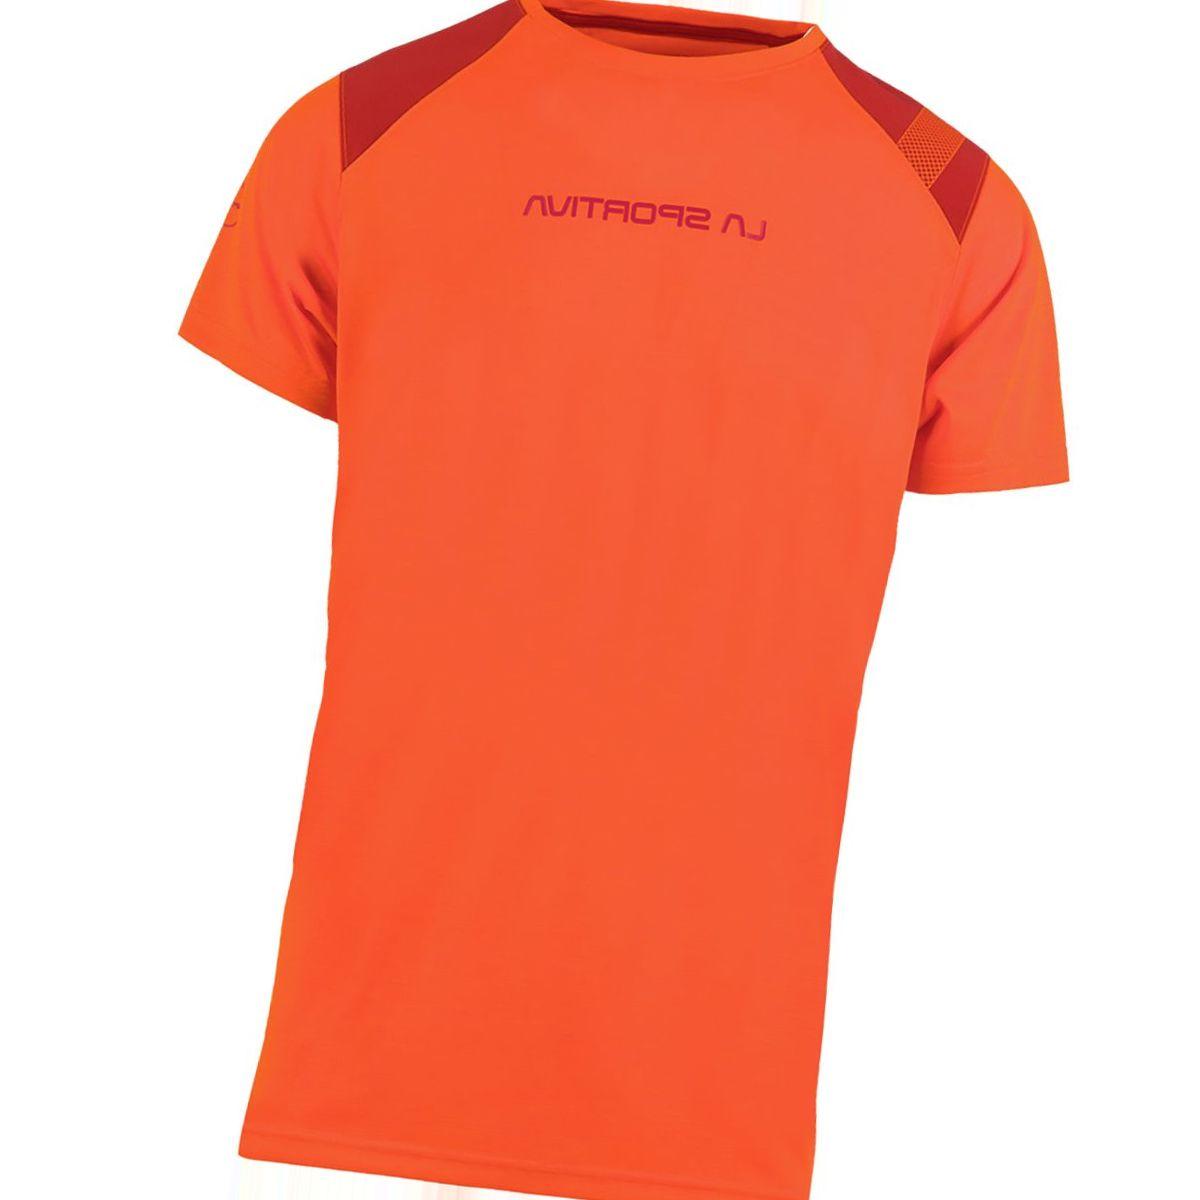 La Sportiva TX Top T-Shirt - Men's